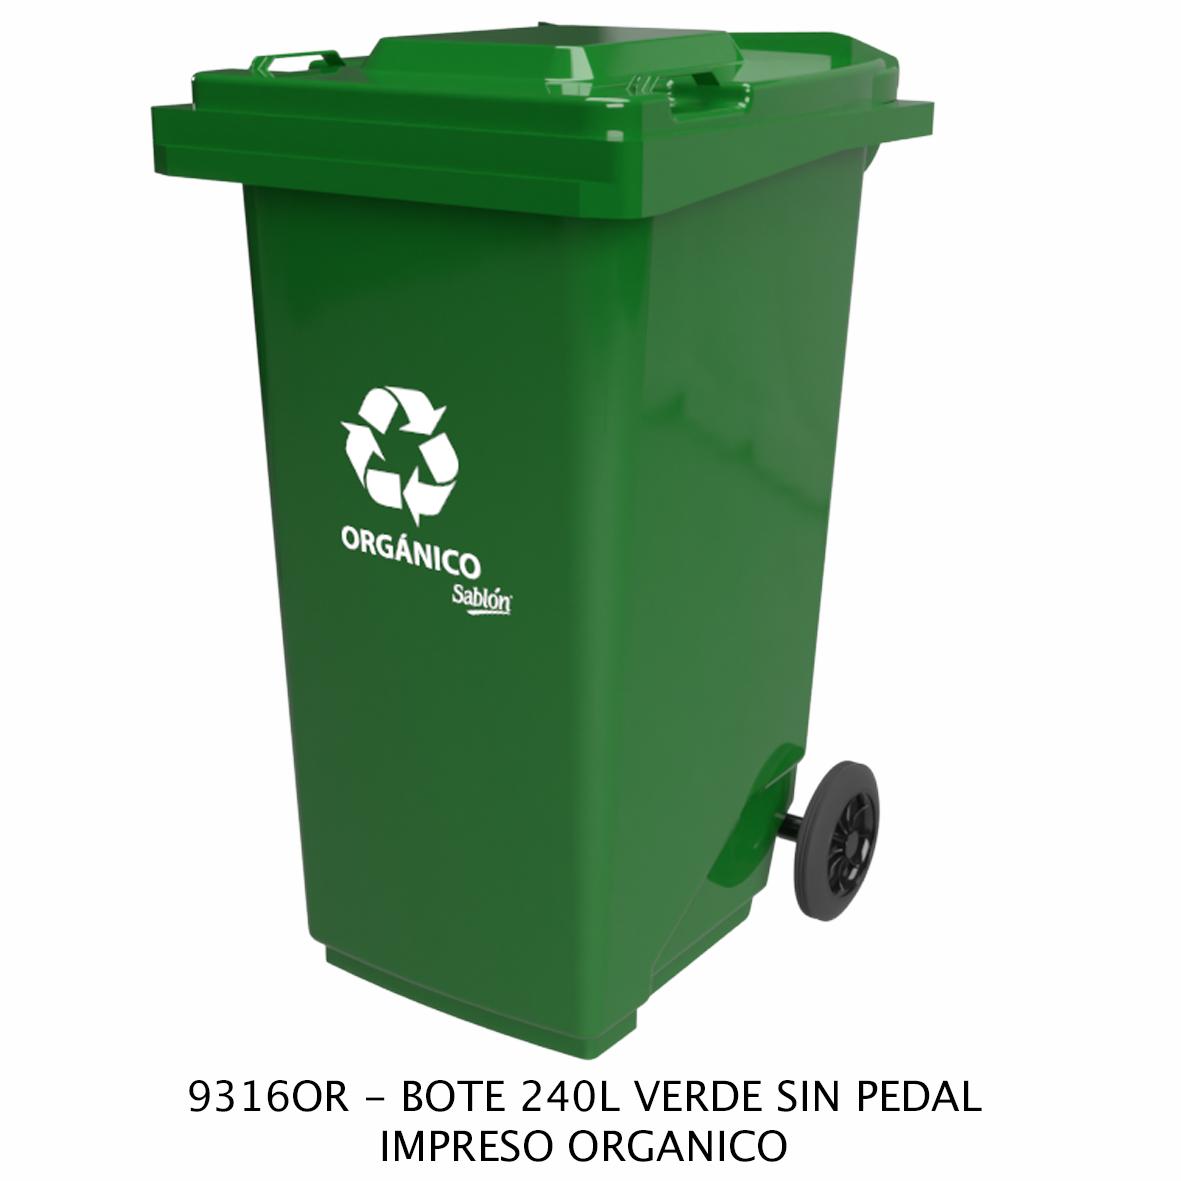 Bote de basura de 240 litros sin pedal con impreso orgánico color verde modelo 9316OR de Sablón